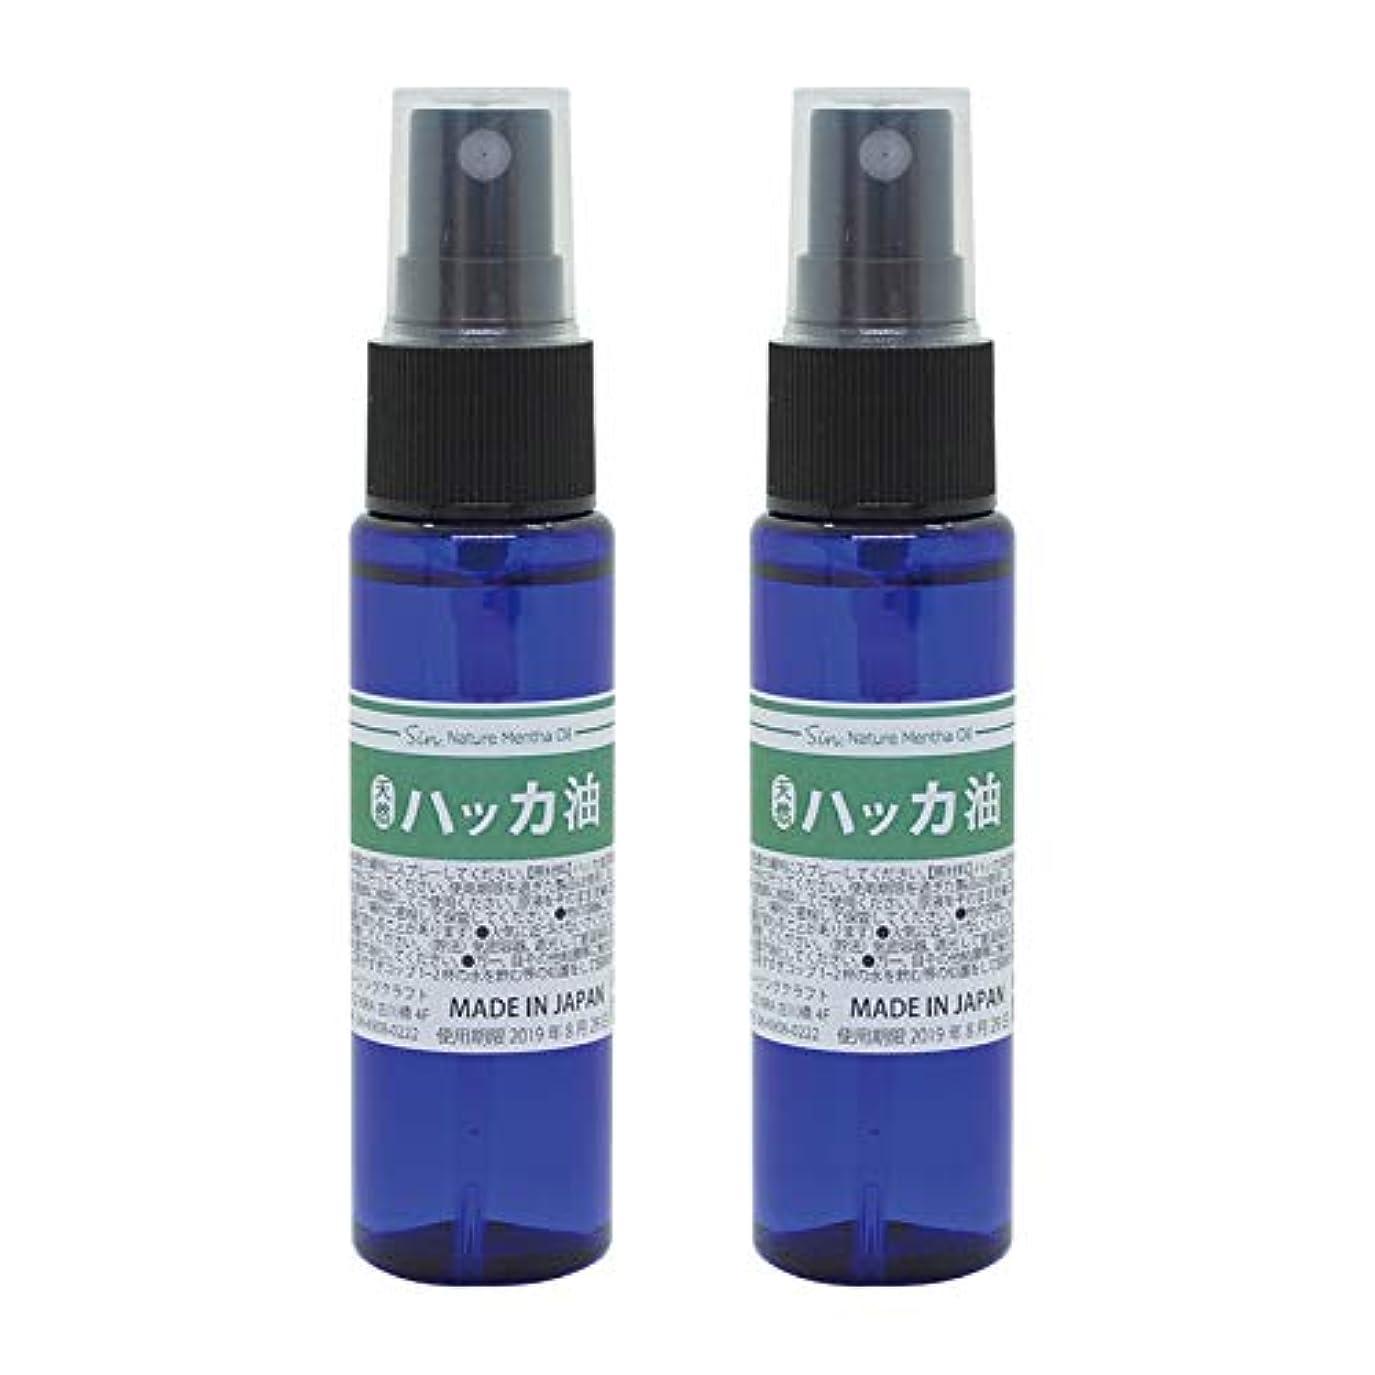 インク生き残り会員日本製 天然ハッカ油(ハッカオイル) スプレー 30mL×2本